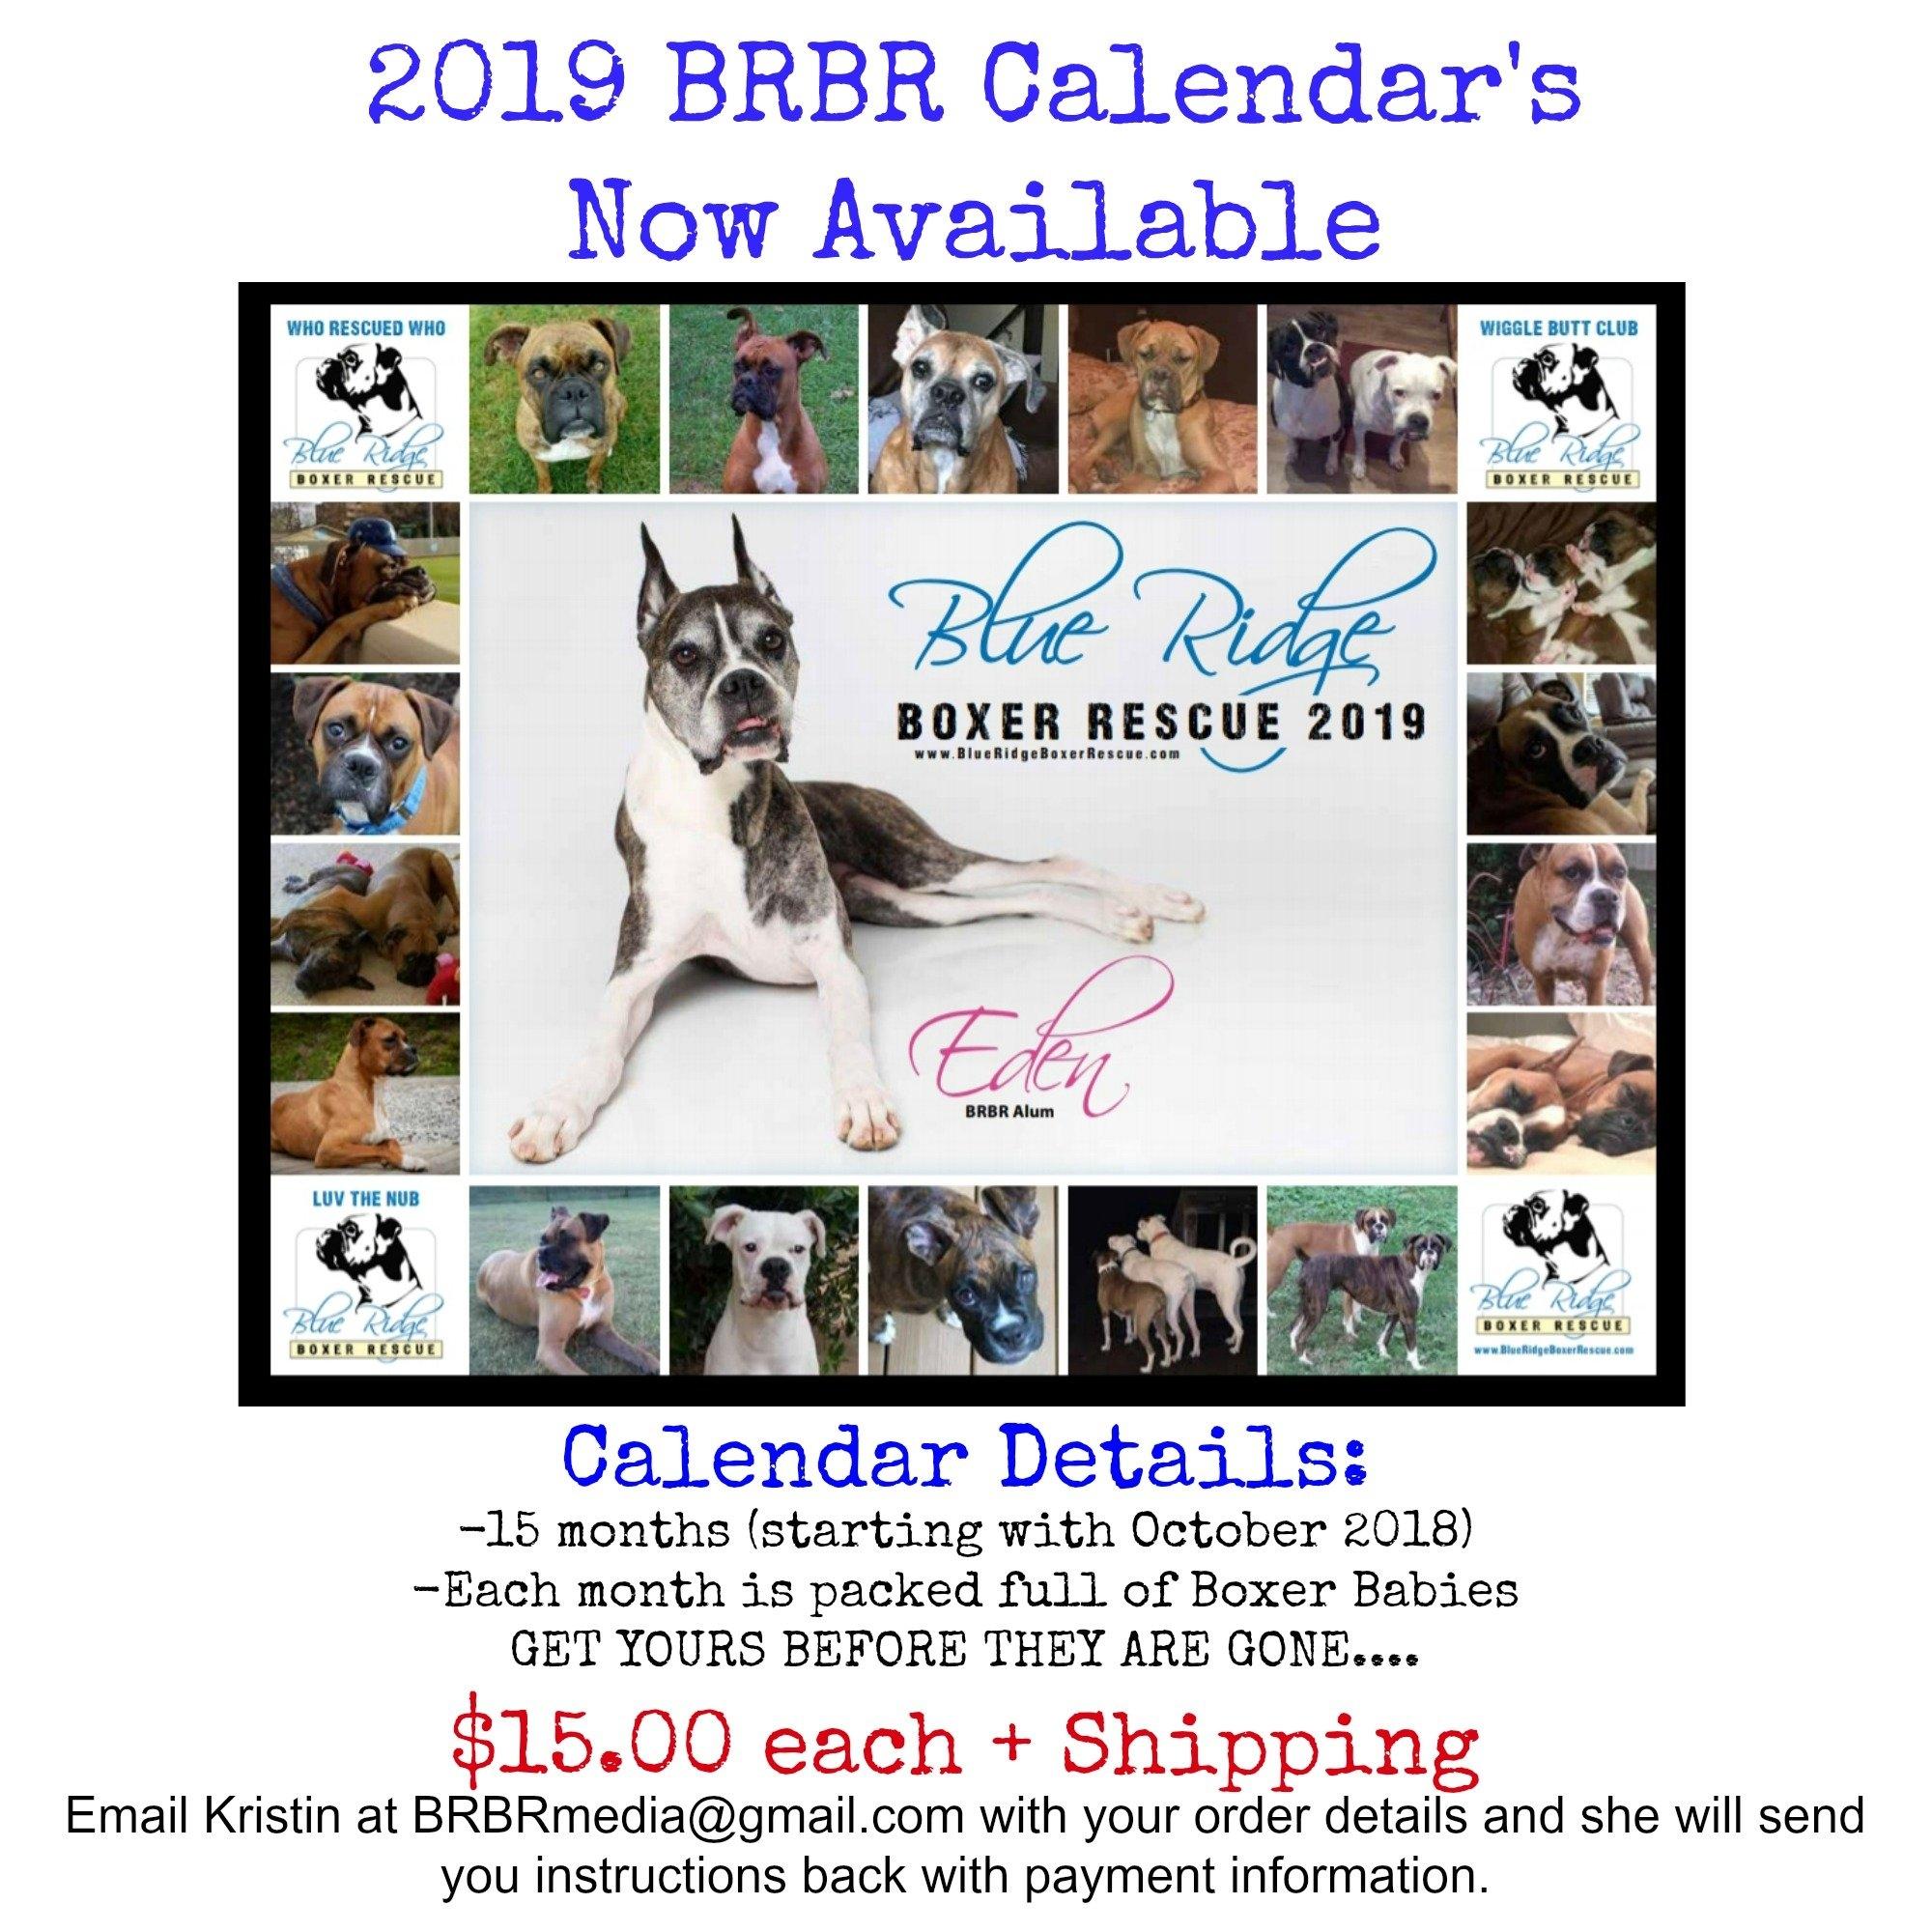 Purchase Your 2019 Calendar Today!! - Blue Ridge Boxer Rescue Calendar 2019 Purchase